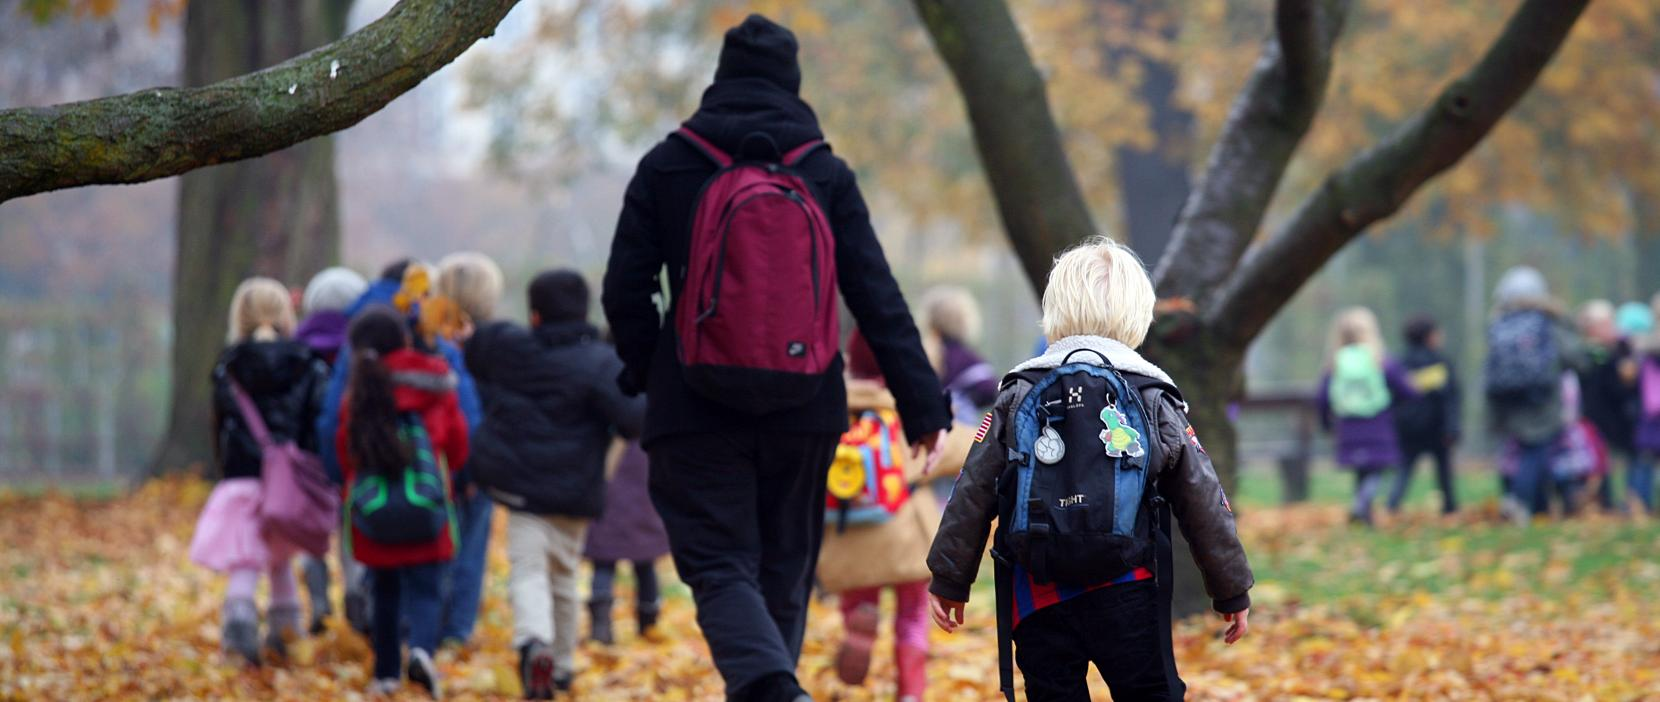 Børn på tur i skoven